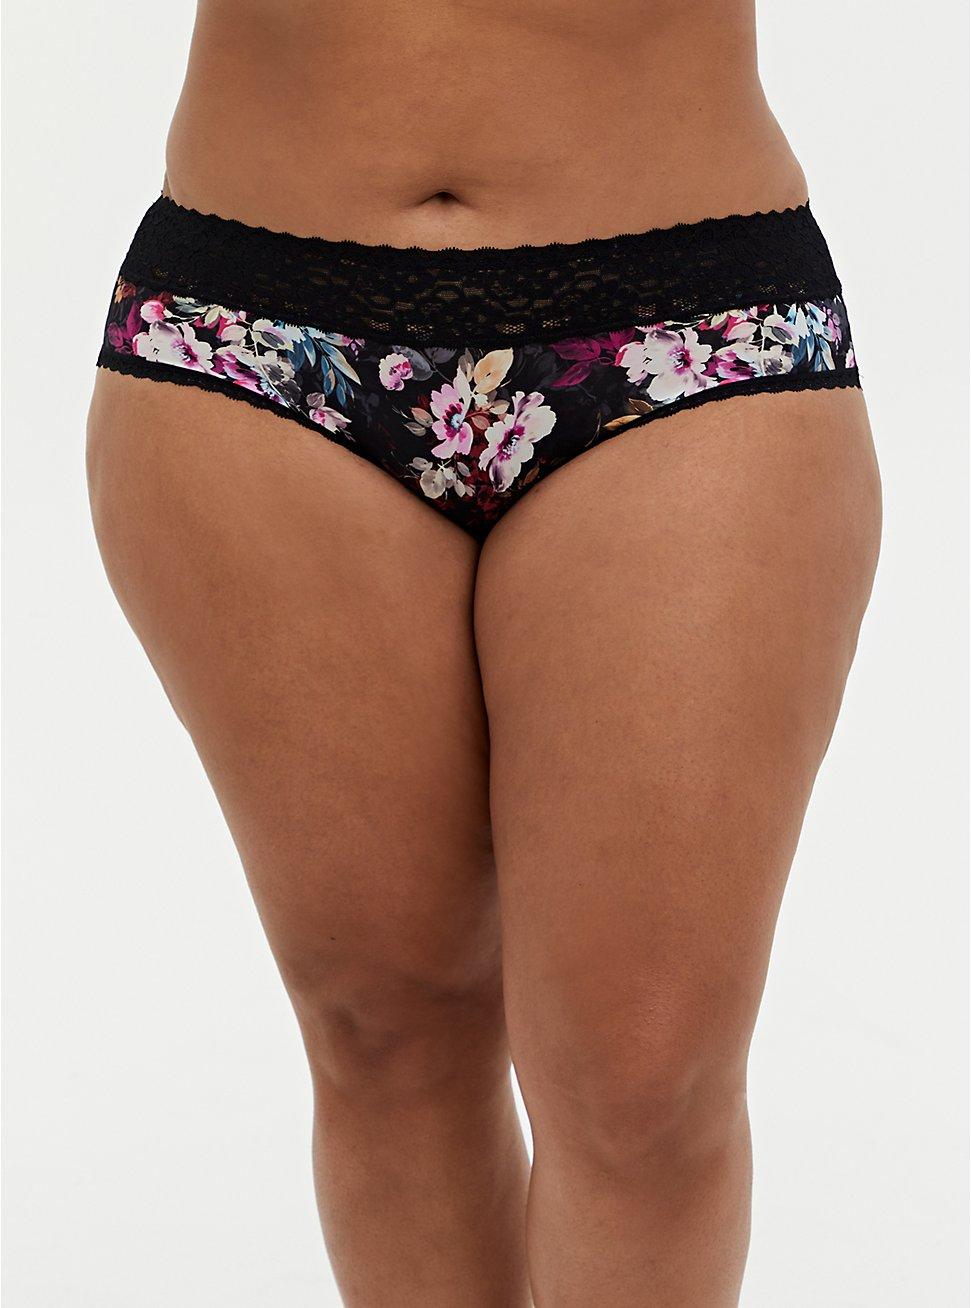 Black Floral Second Skin Hipster Panty, REGAL FLORAL, hi-res